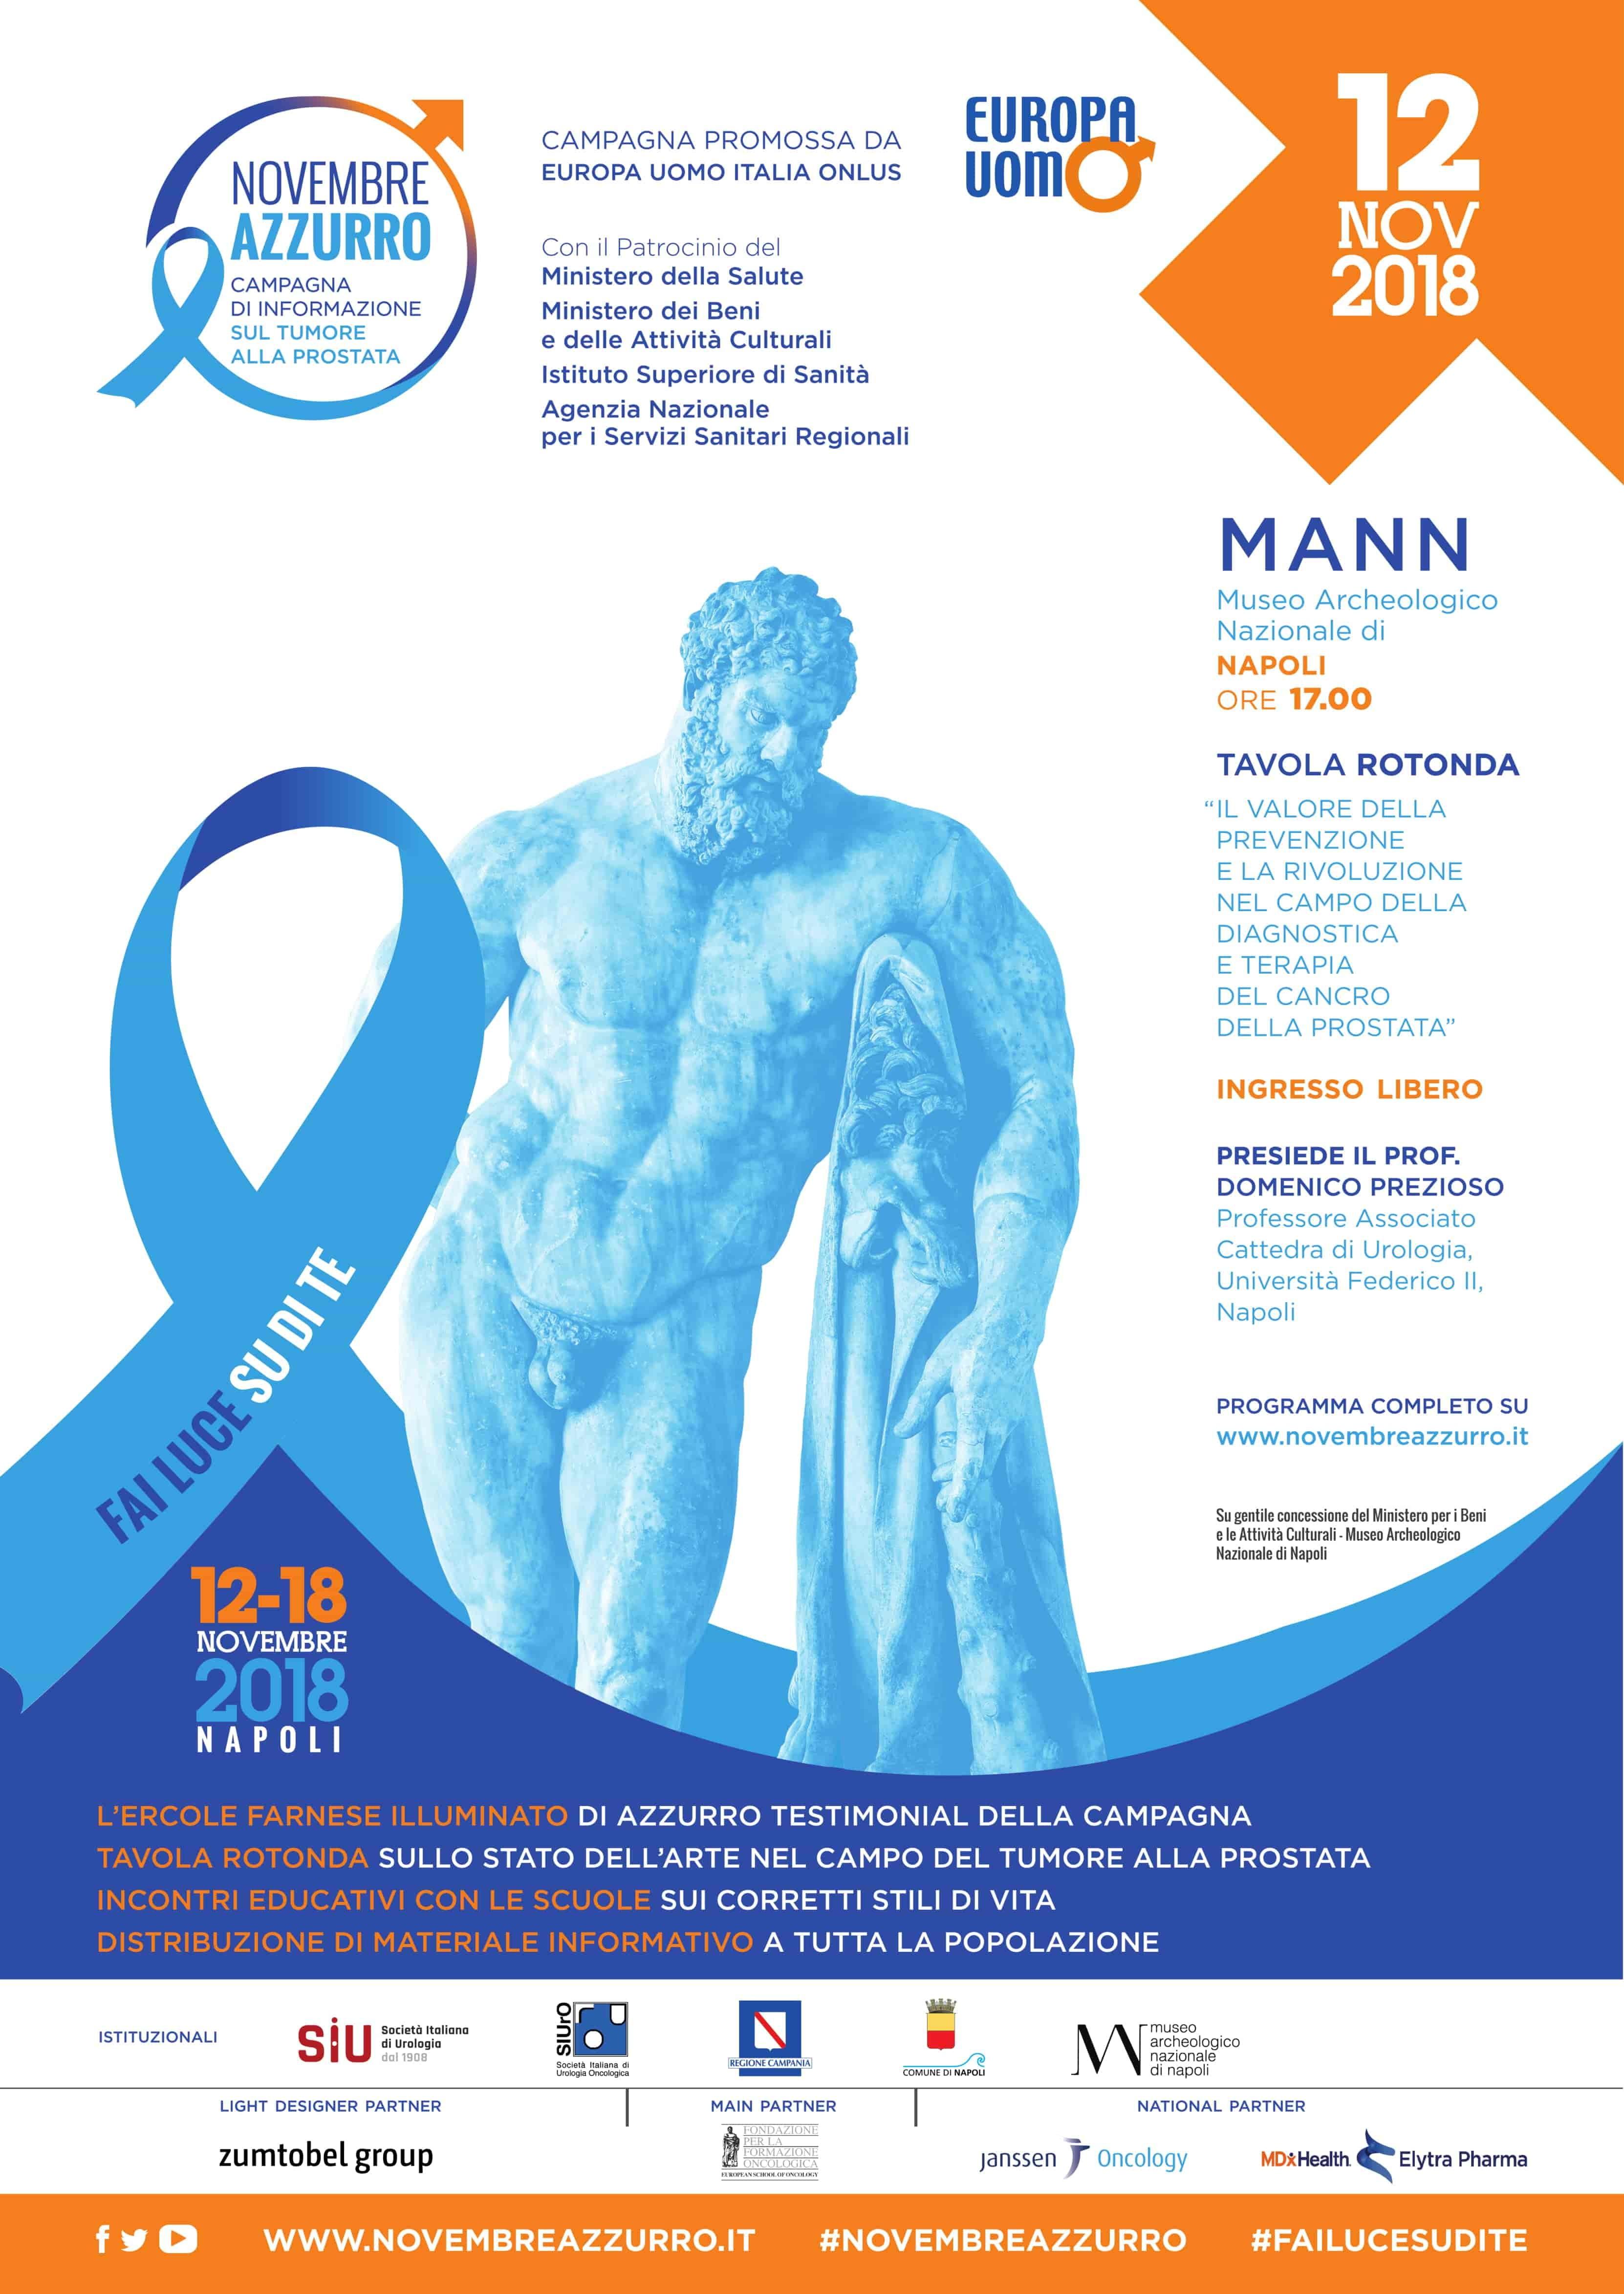 Lunedì 12 novembre – Il MANN parteciperà a novembre azzurro